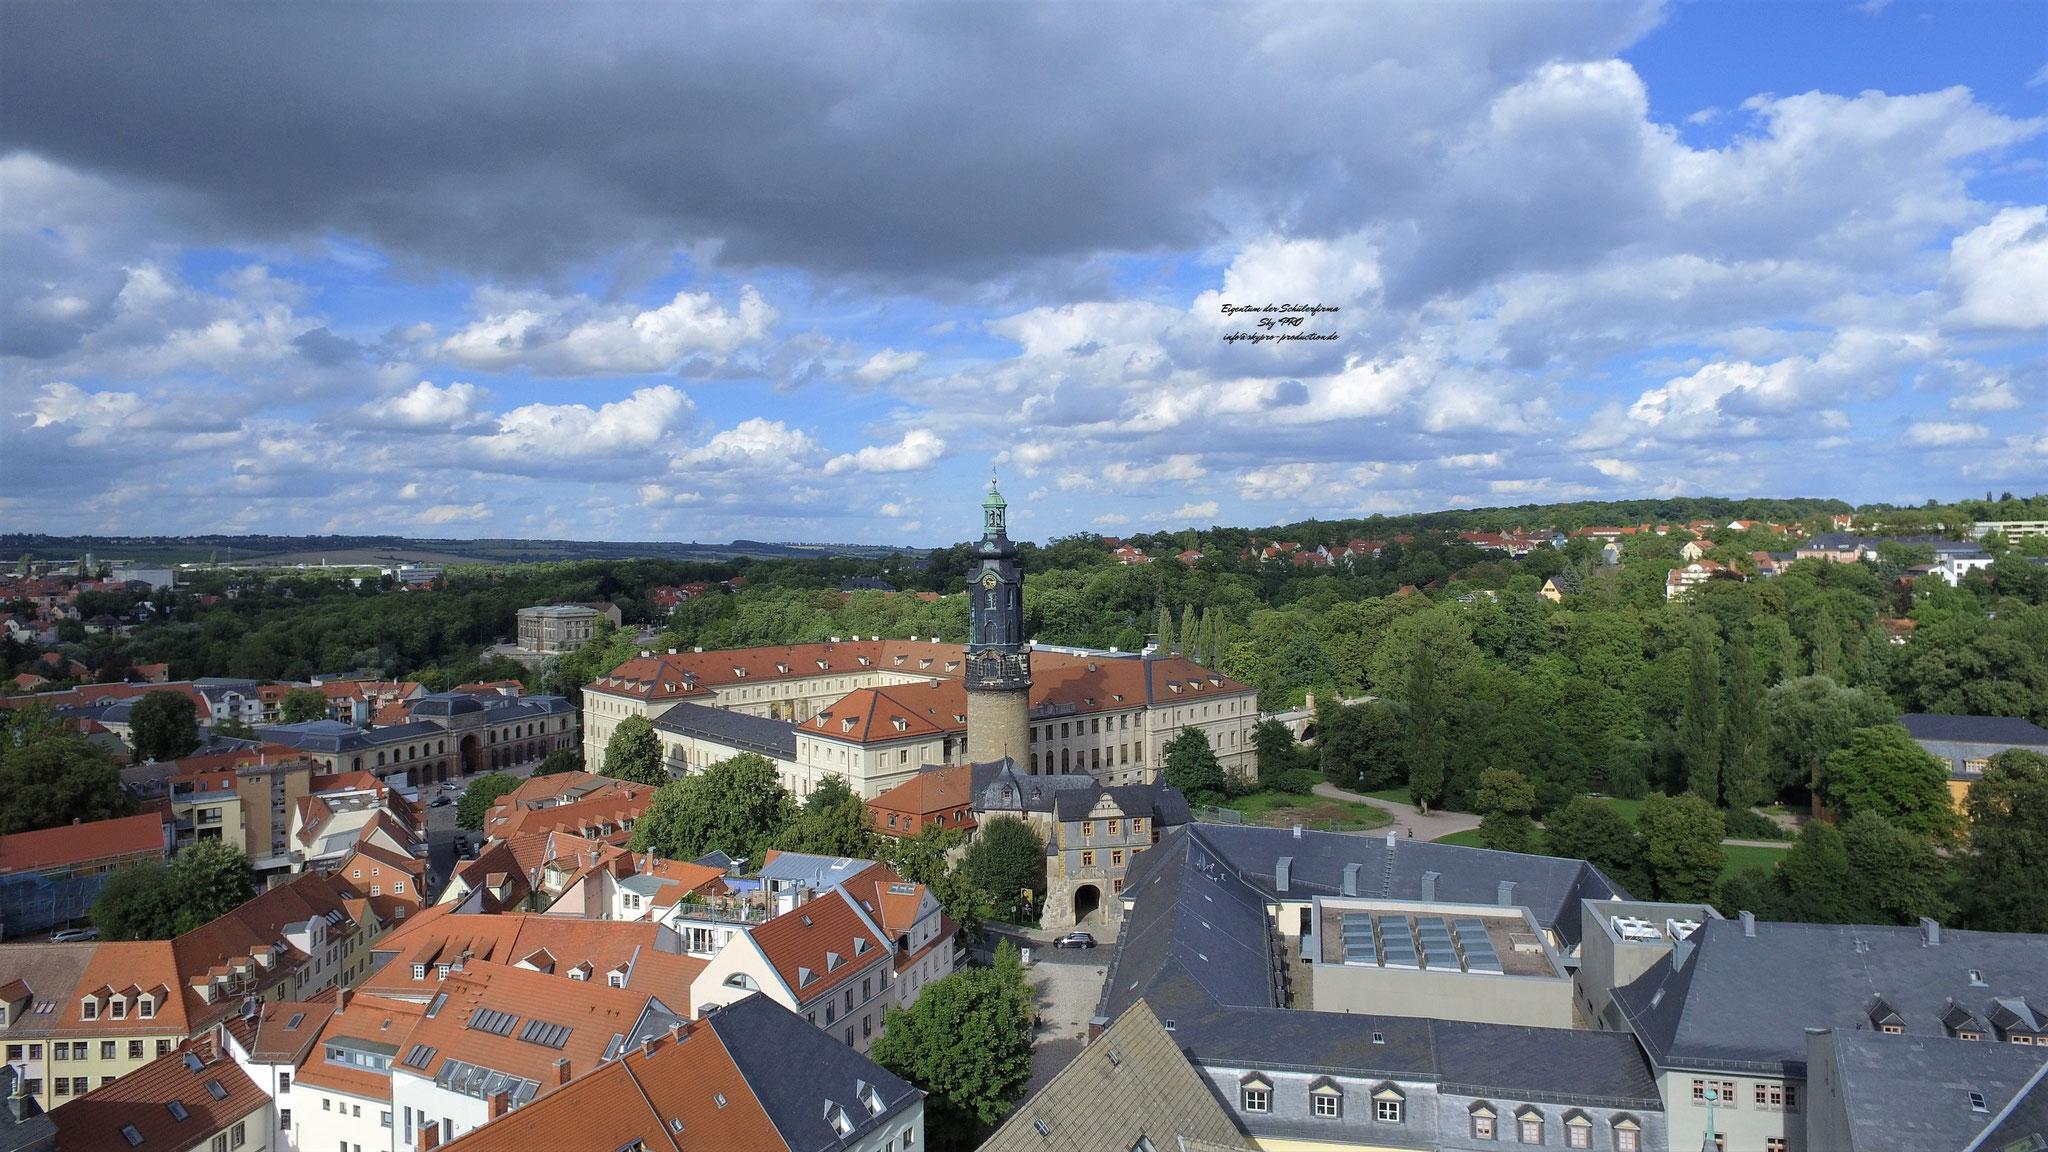 Blick in Richtung Stadtschloss Weimar